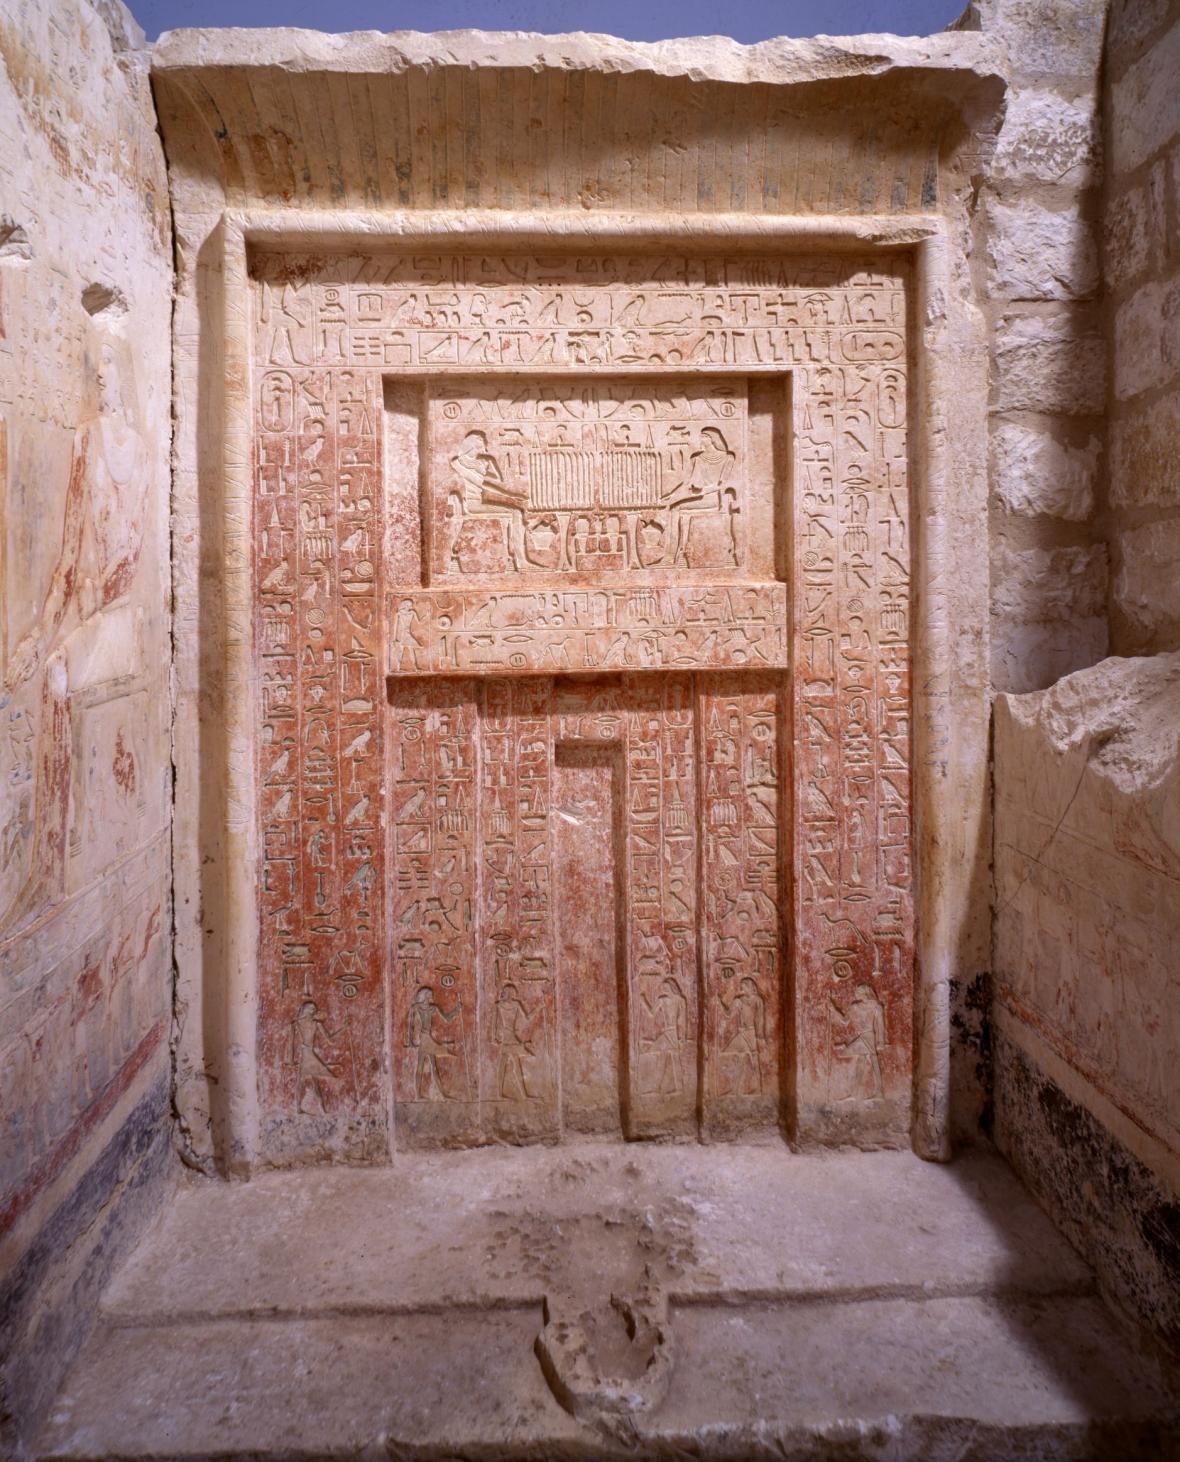 Bohatě zdobené nepravé dveře soudce Intiho s obětním oltářem představovaly místo, kam pozůstalí přinášeli obětiny zemřelému